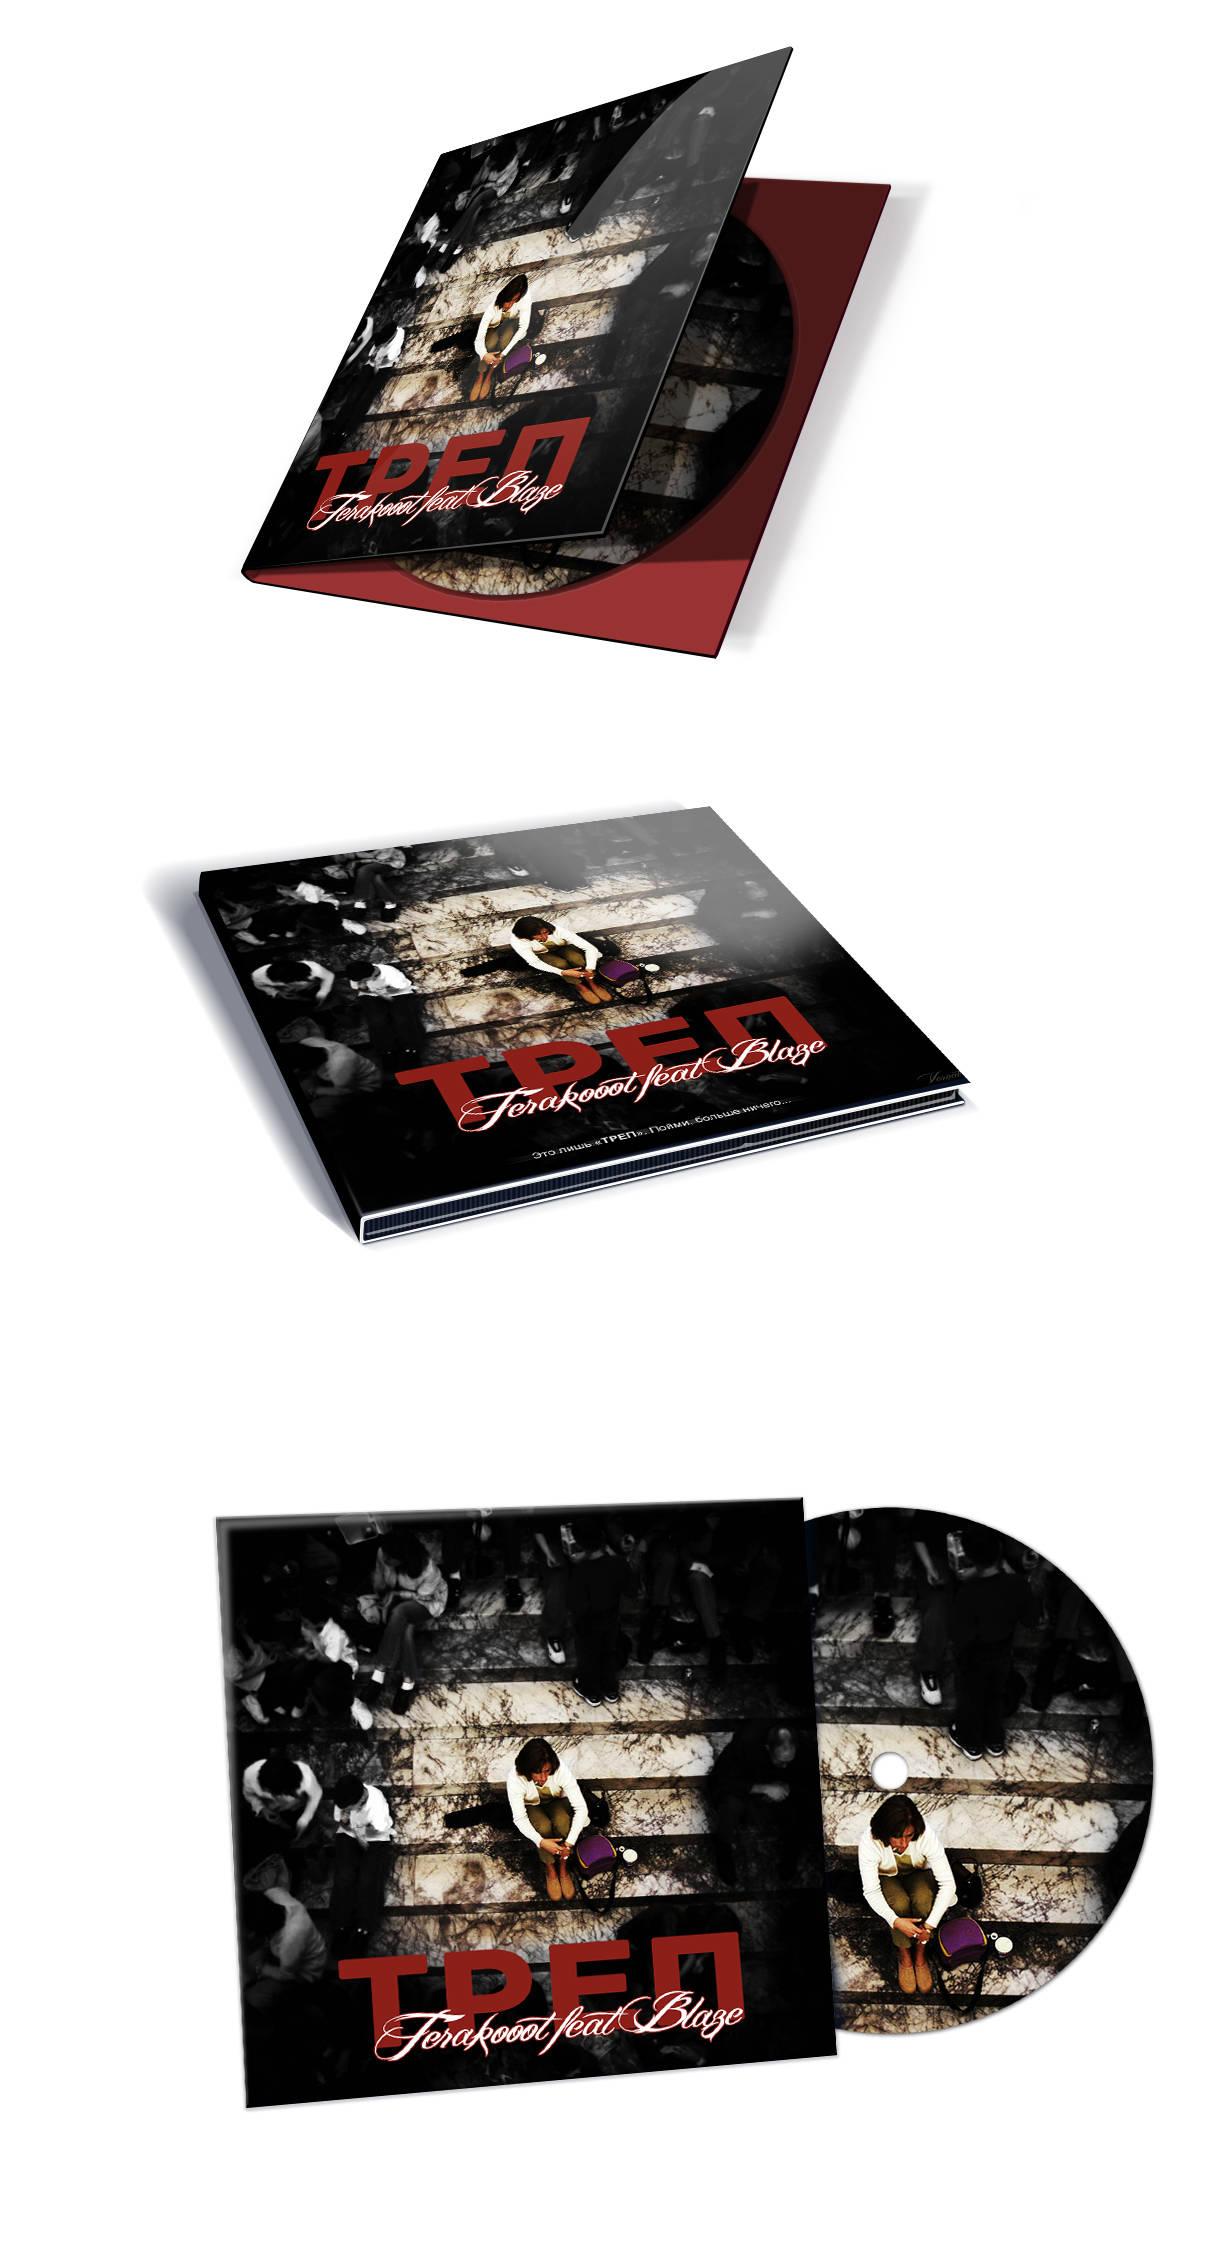 Оформление бокса CD диска